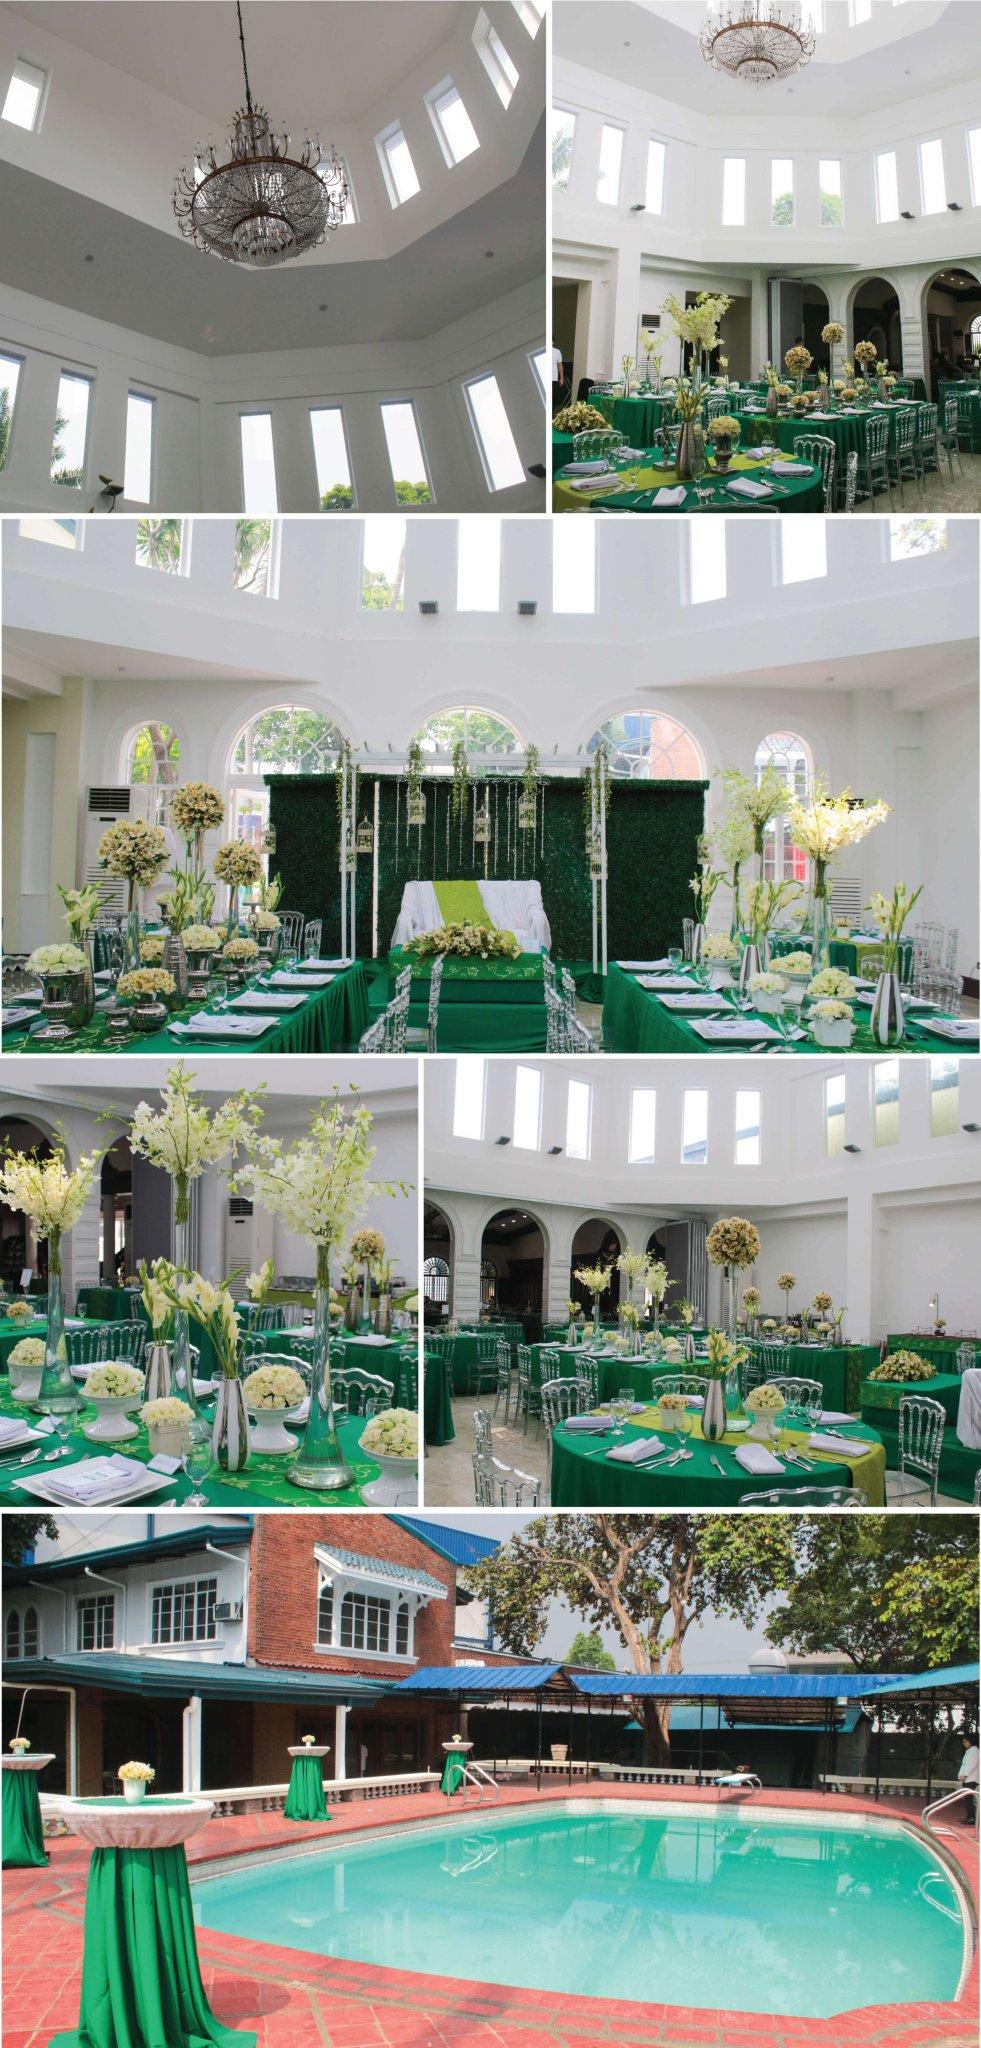 The Felicidad Mansion